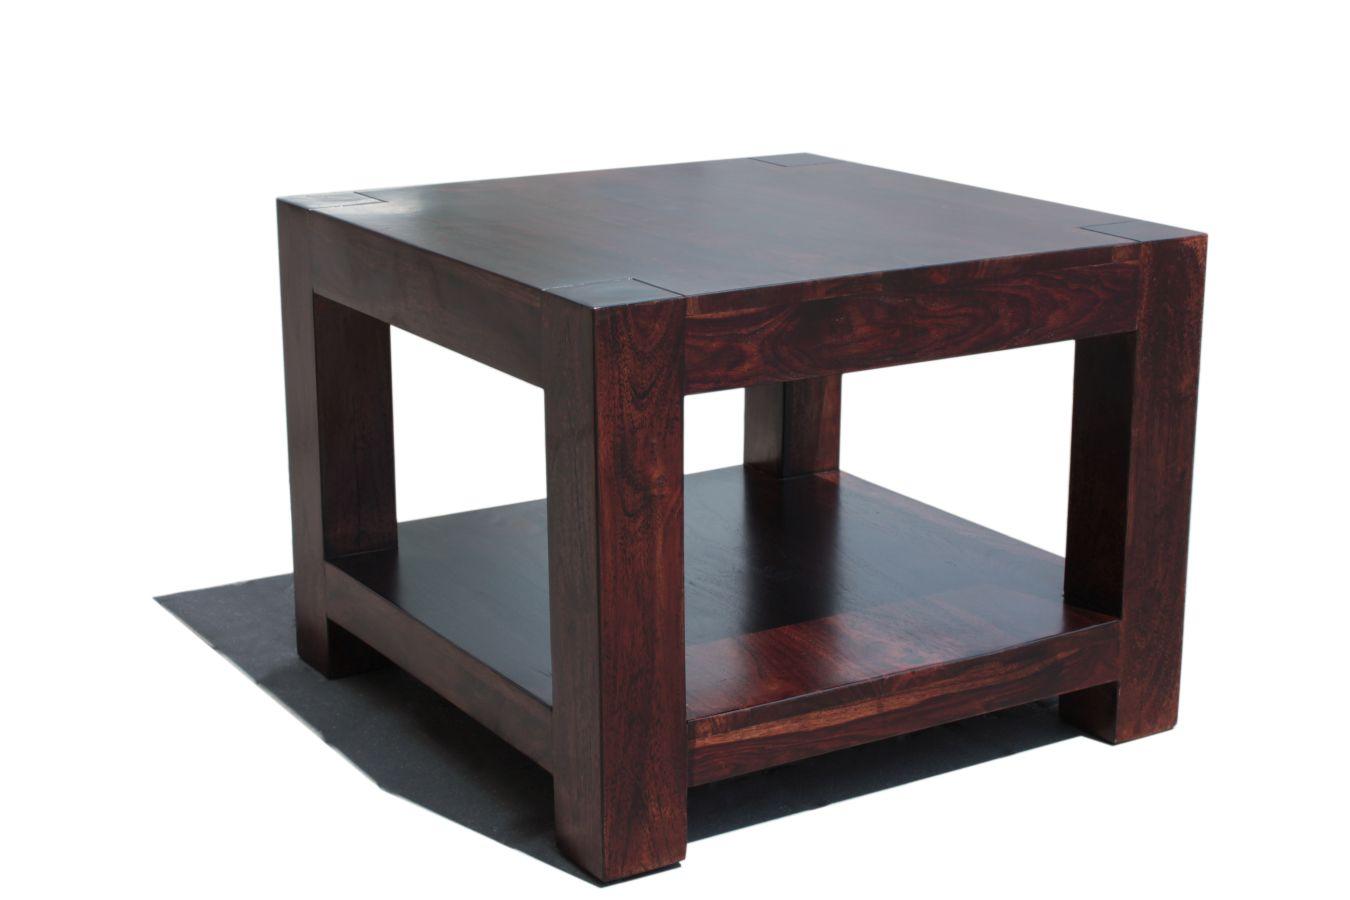 Ciemny Palisandrowy Stolik Kawowy Z Półką Z Litego Drewna Palisandrowego